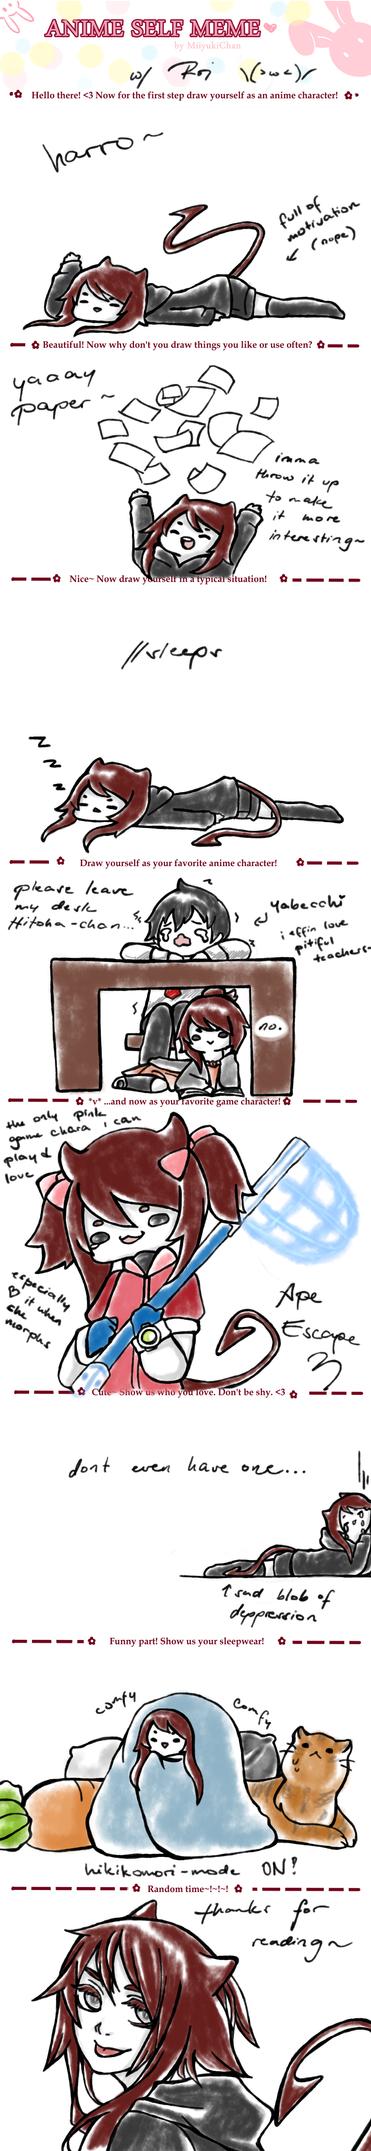 Lazy Anime Self Meme by Akai-Kage on DeviantArt